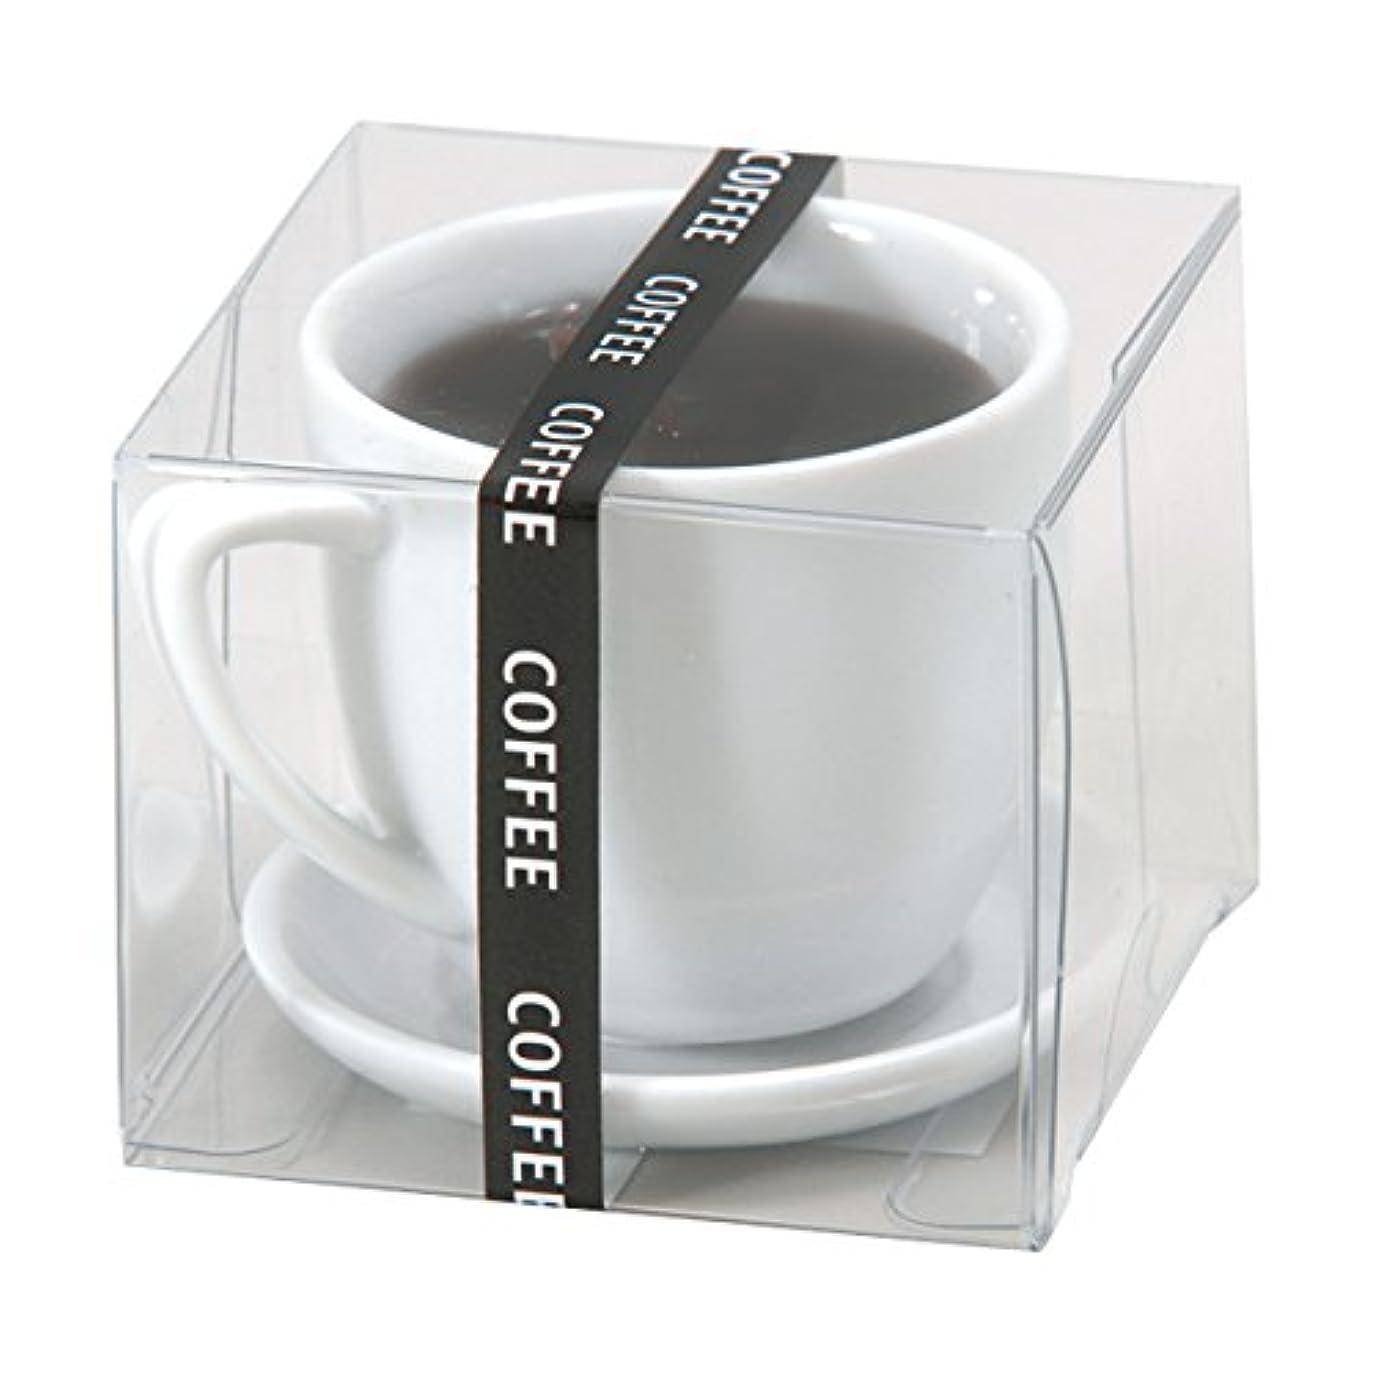 勝利した境界戦略ホットコーヒー ローソク